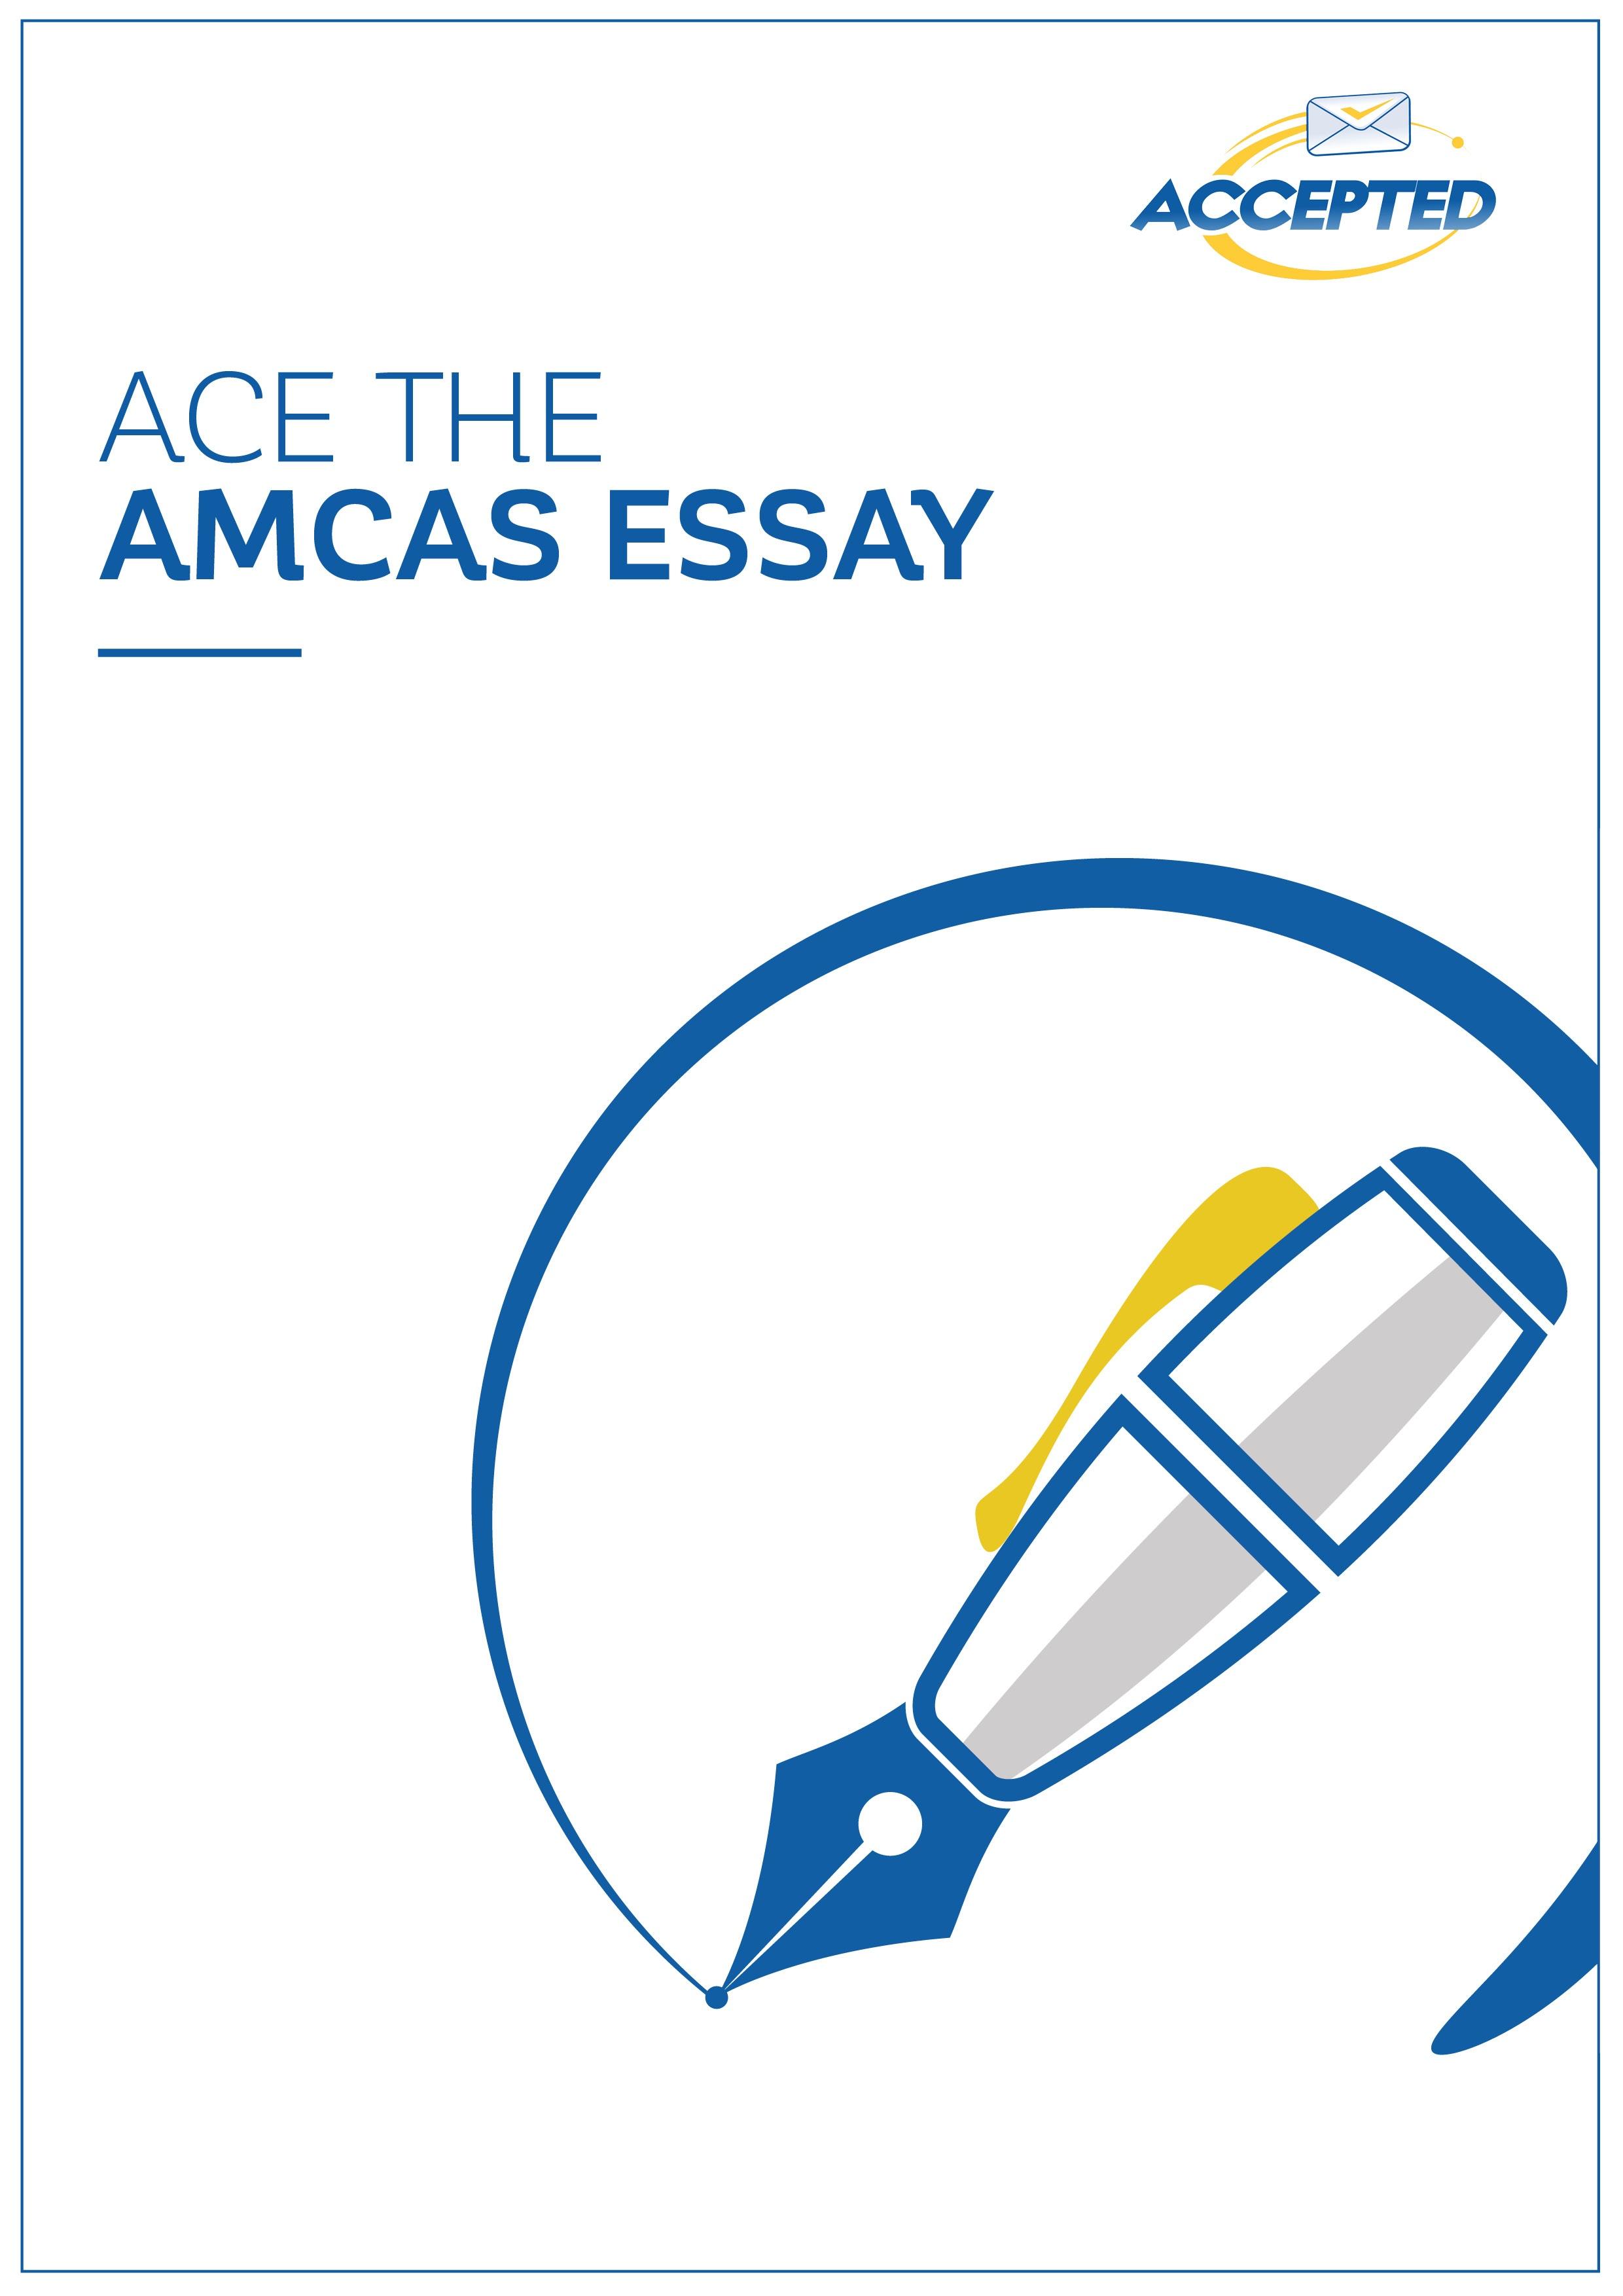 Ace the AMCAS Essay